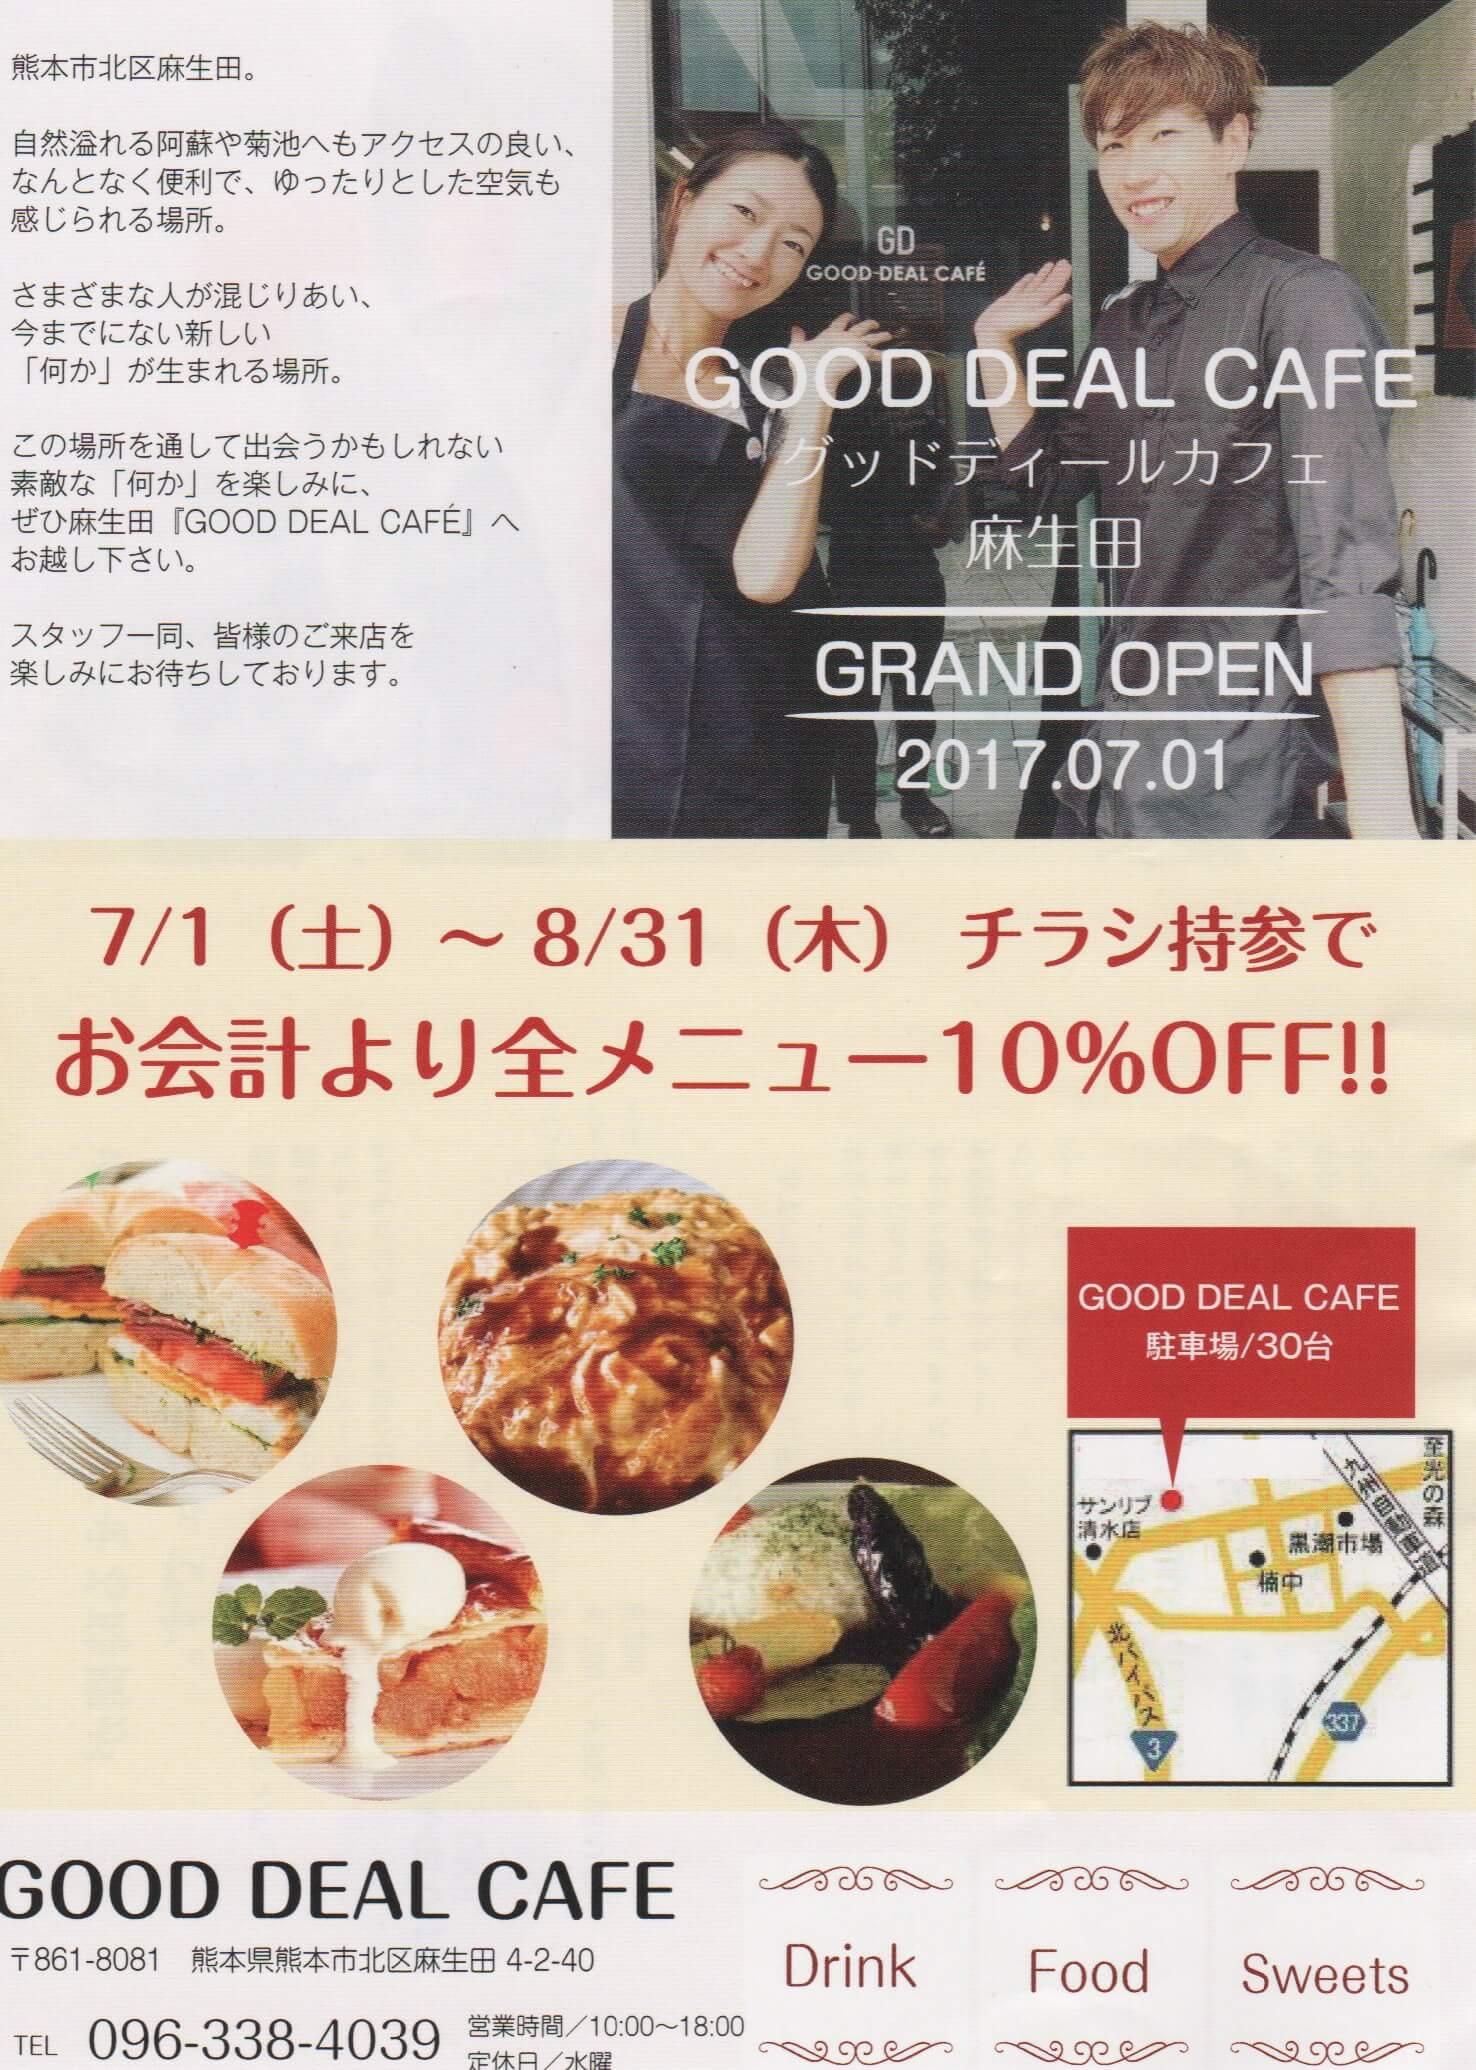 【GOODDEALCAFE(グッドディールカフェ)】麻生田店が7/1にオープン。キセキの卵を使ったオムライスが食べれるらしい。